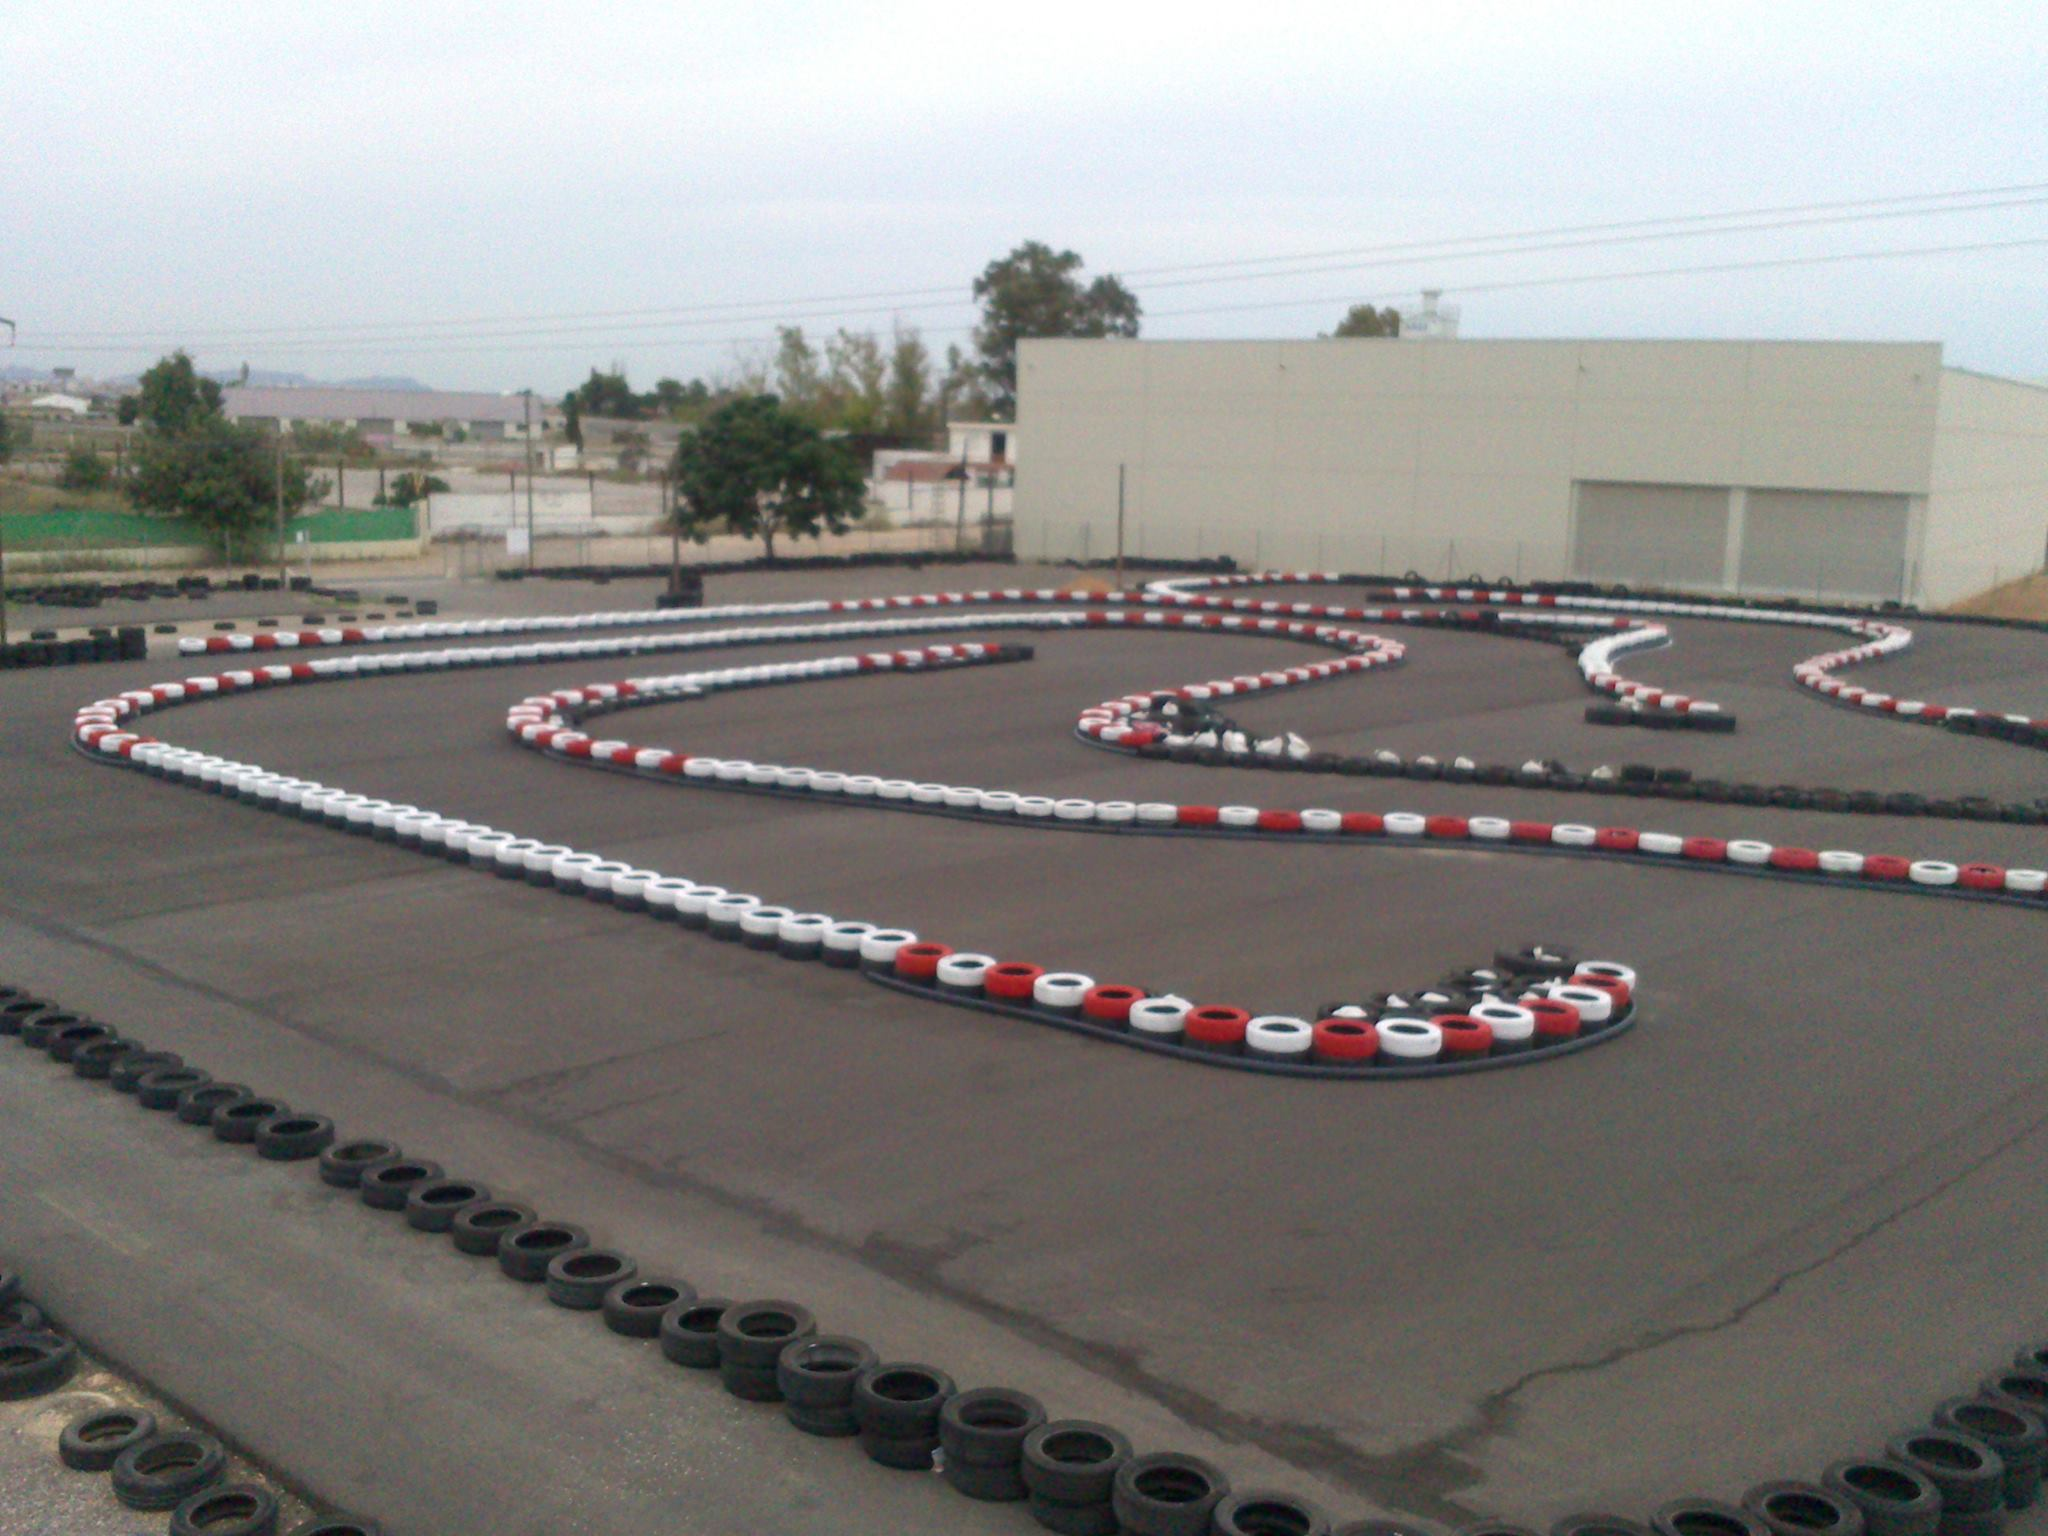 Circuito Karting : Rfme karting alrakart en aldaia nuevo circuito en la comunidad